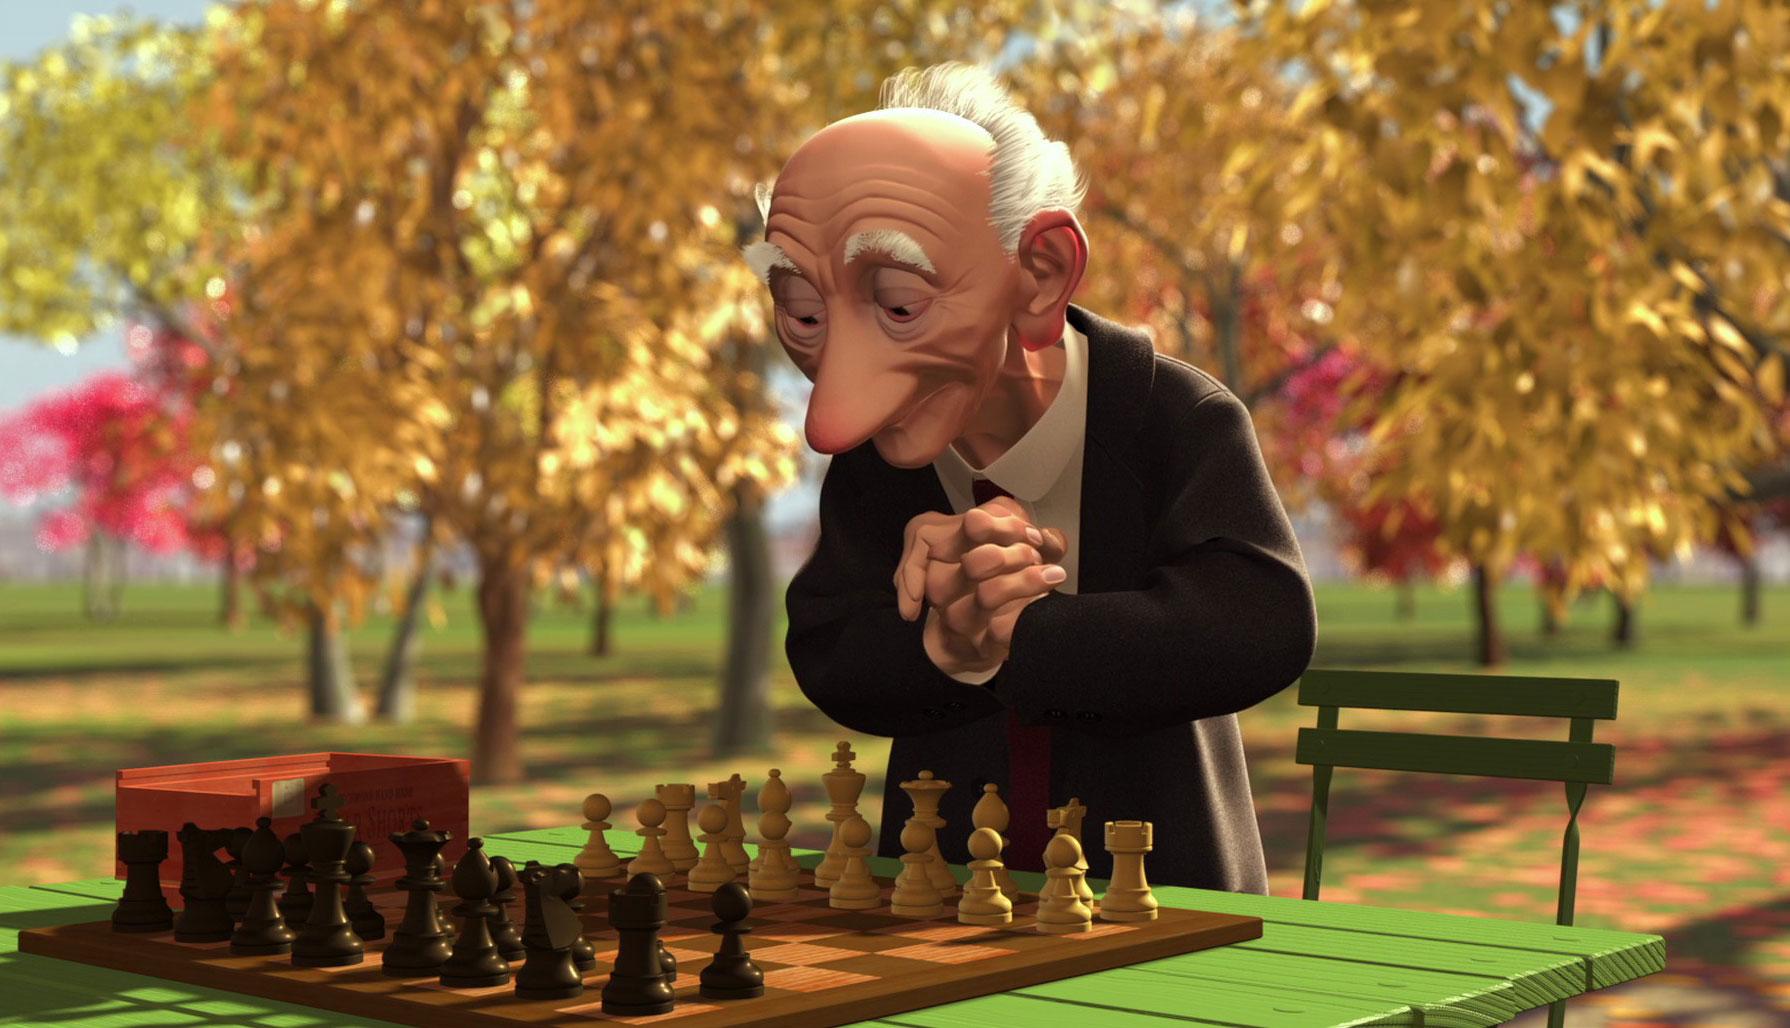 Pixar disney le joueur d'échecs geri's game